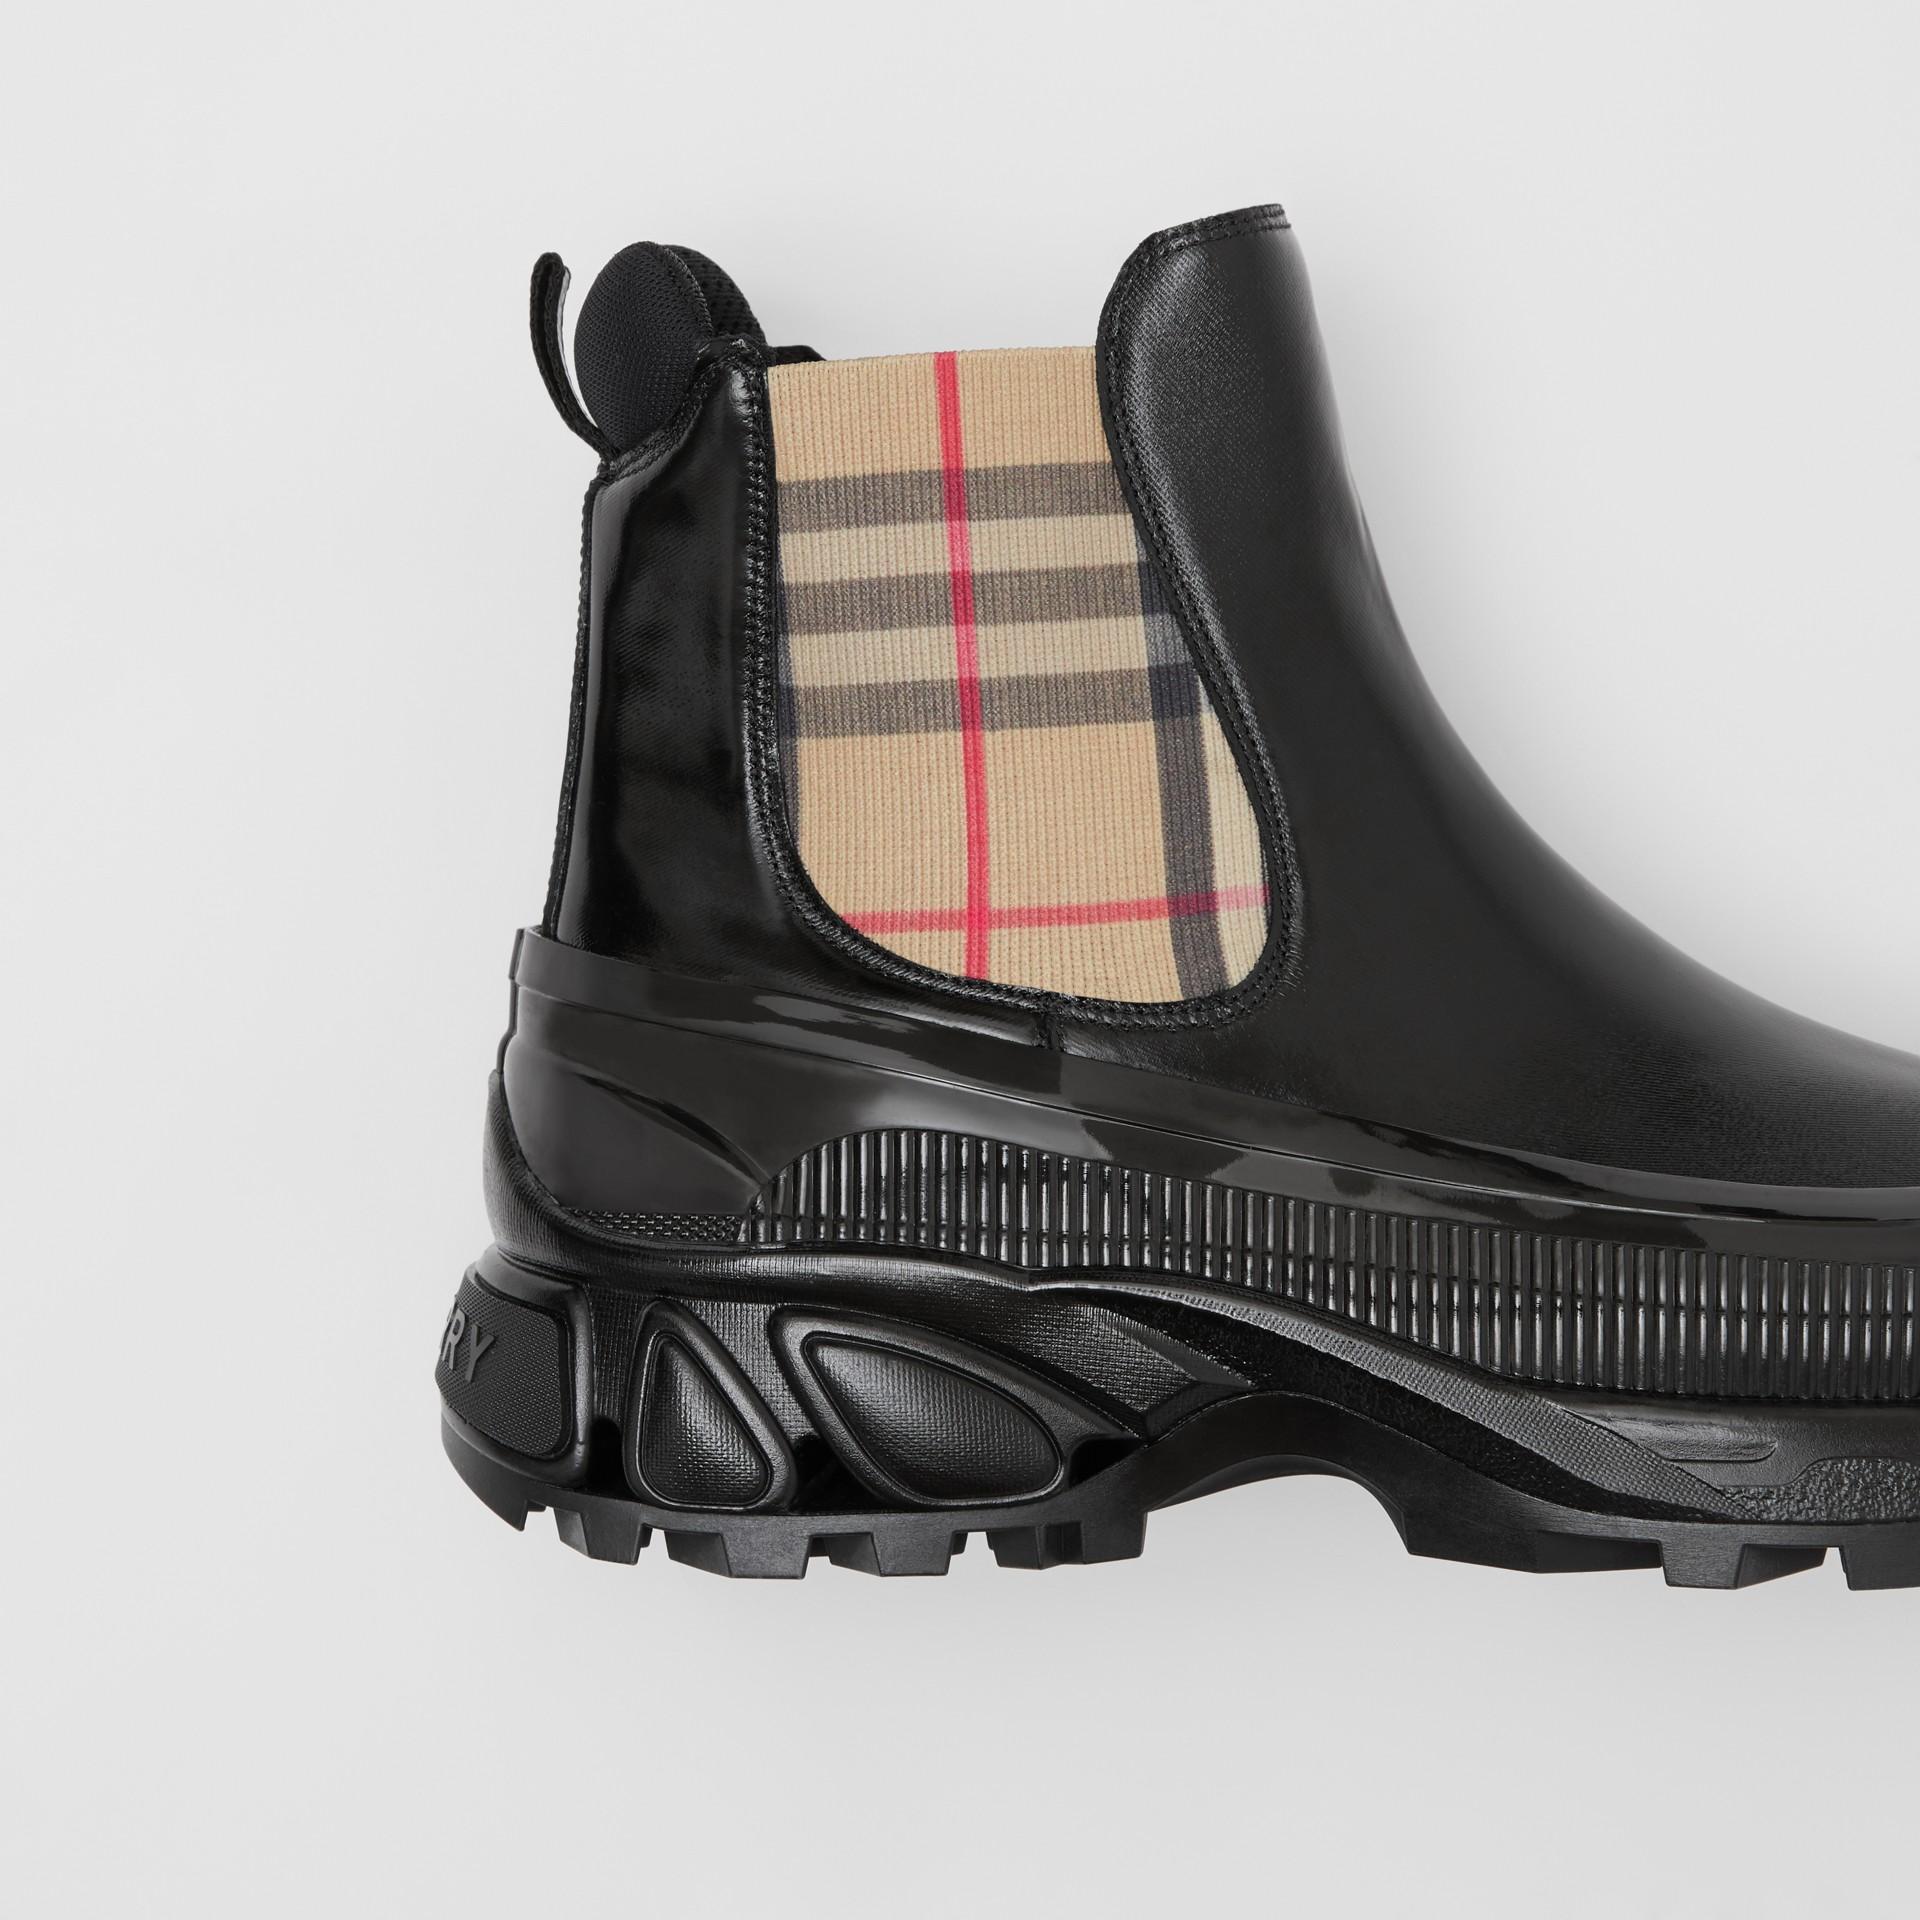 ヴィンテージチェックディテール コーティングキャンバス チェルシーブーツ (ブラック) - メンズ | バーバリー - ギャラリーイメージ 1